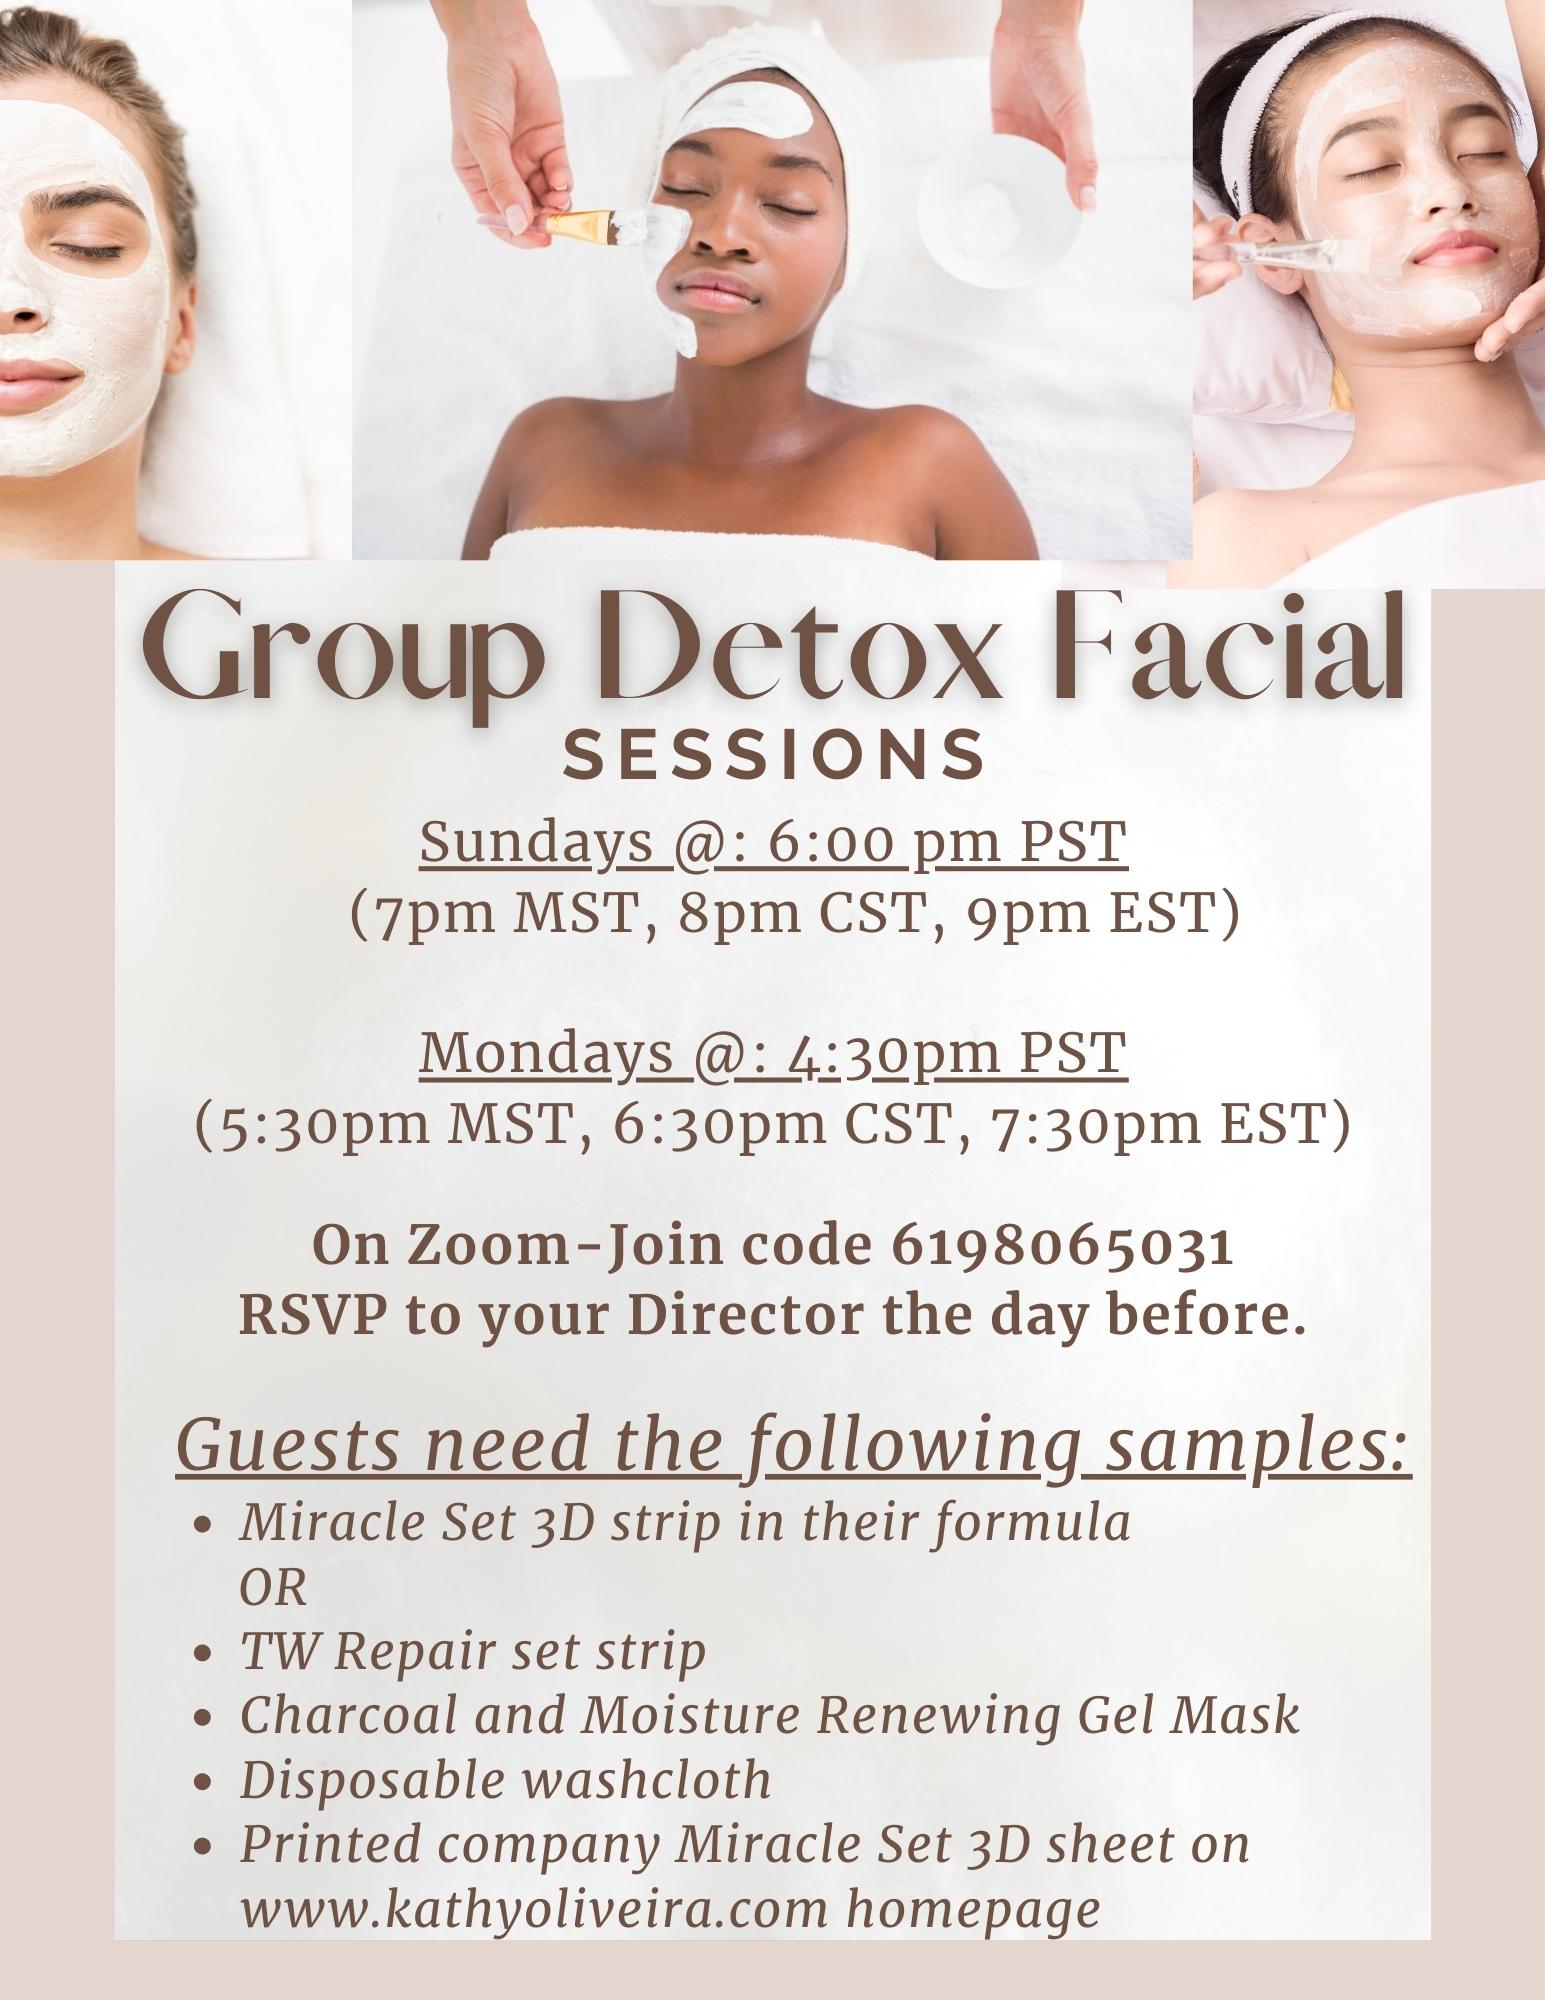 Group Detox facial flyer